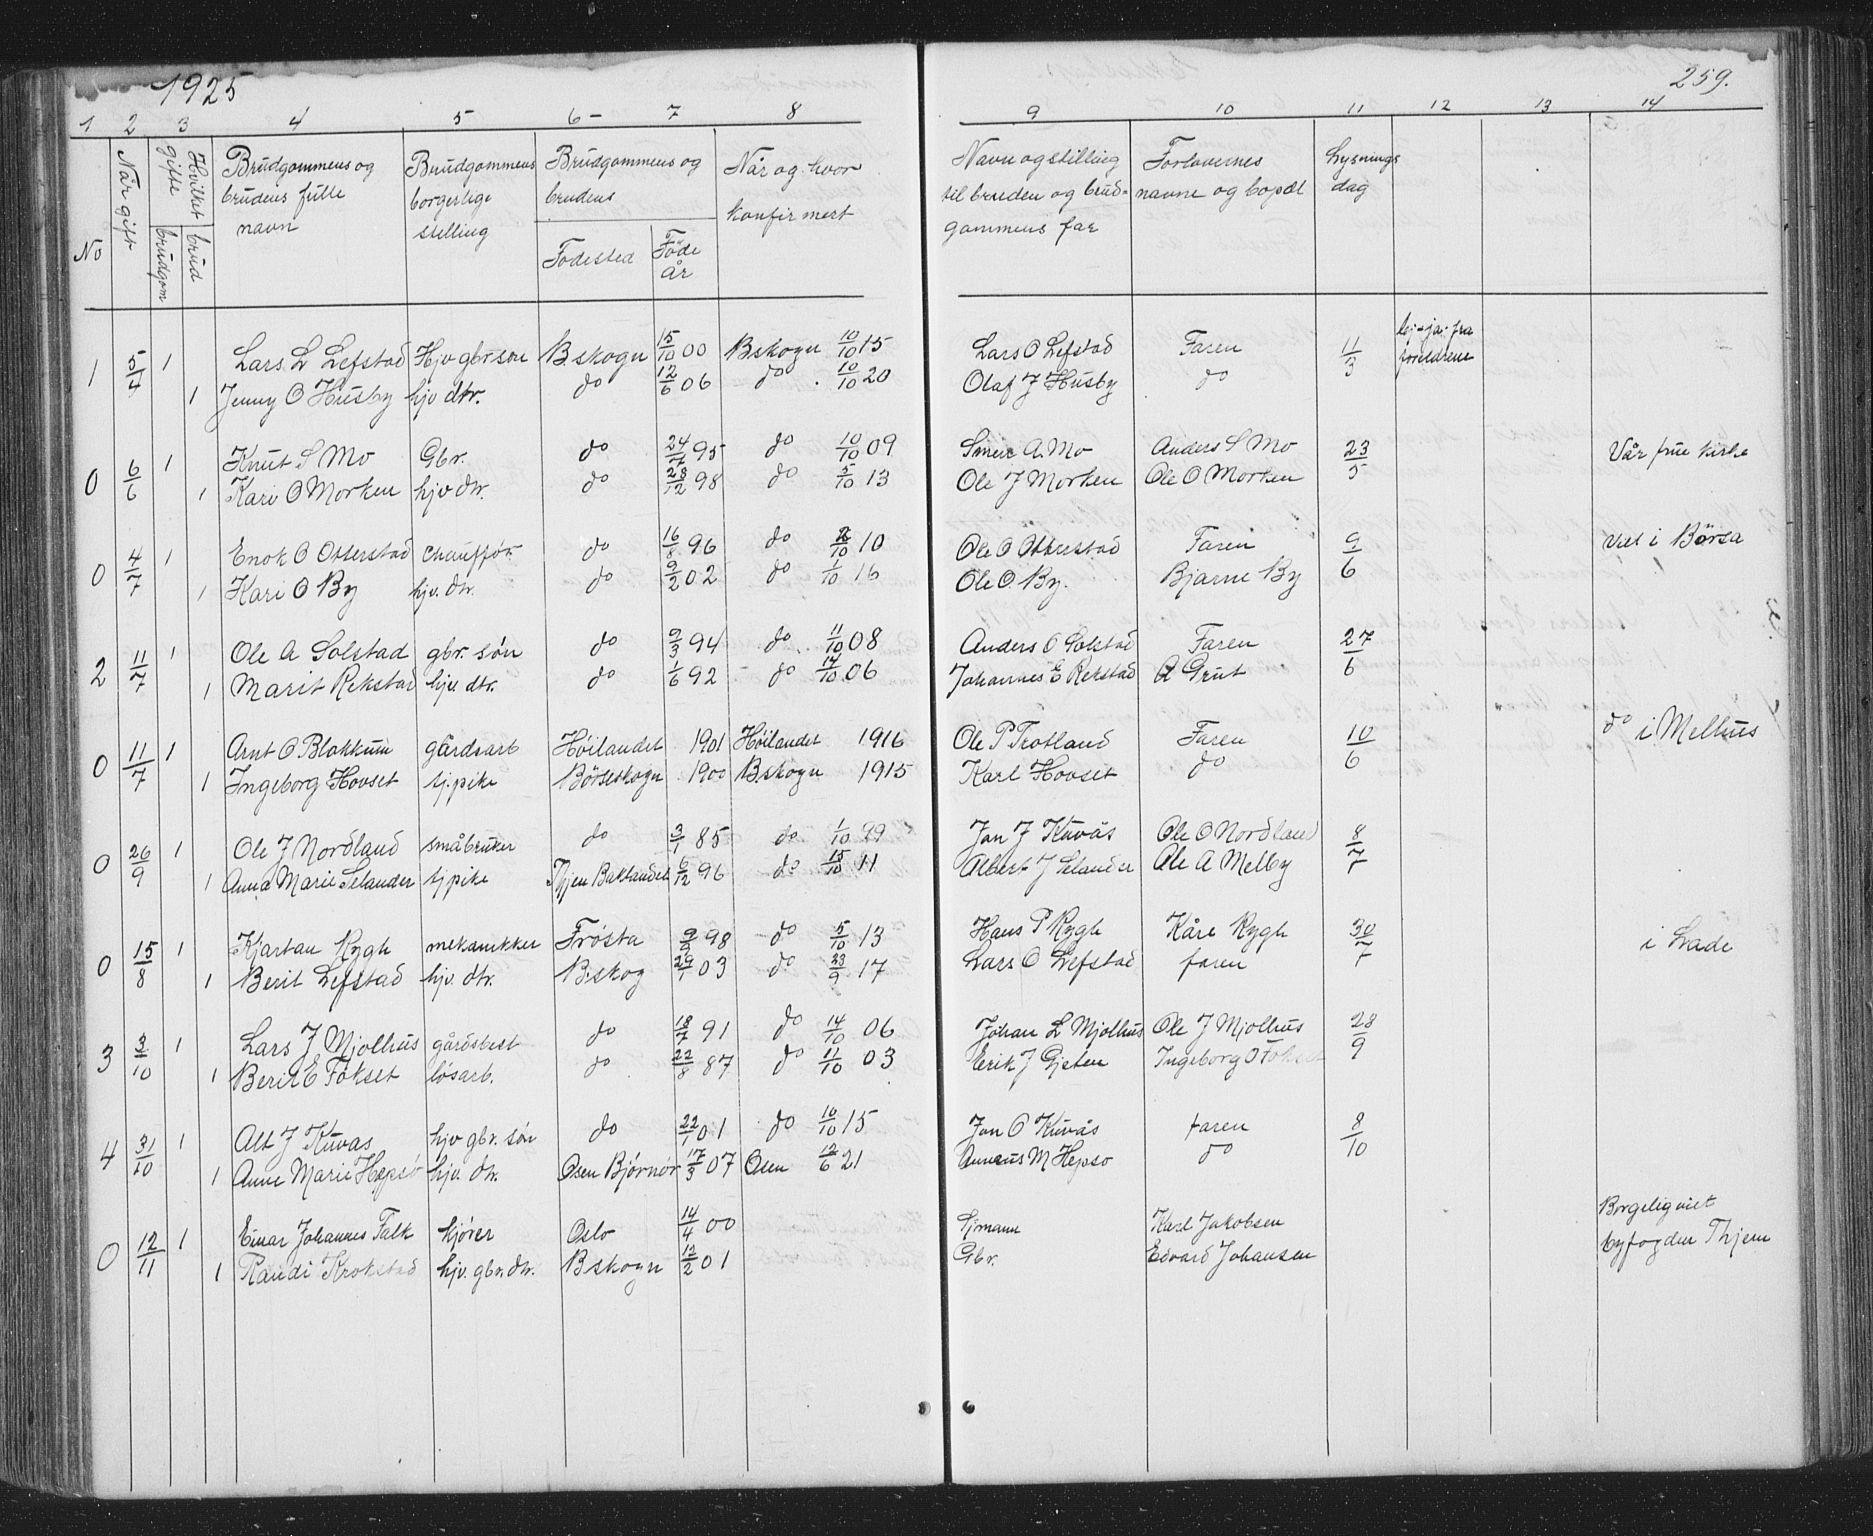 SAT, Ministerialprotokoller, klokkerbøker og fødselsregistre - Sør-Trøndelag, 667/L0798: Klokkerbok nr. 667C03, 1867-1929, s. 259